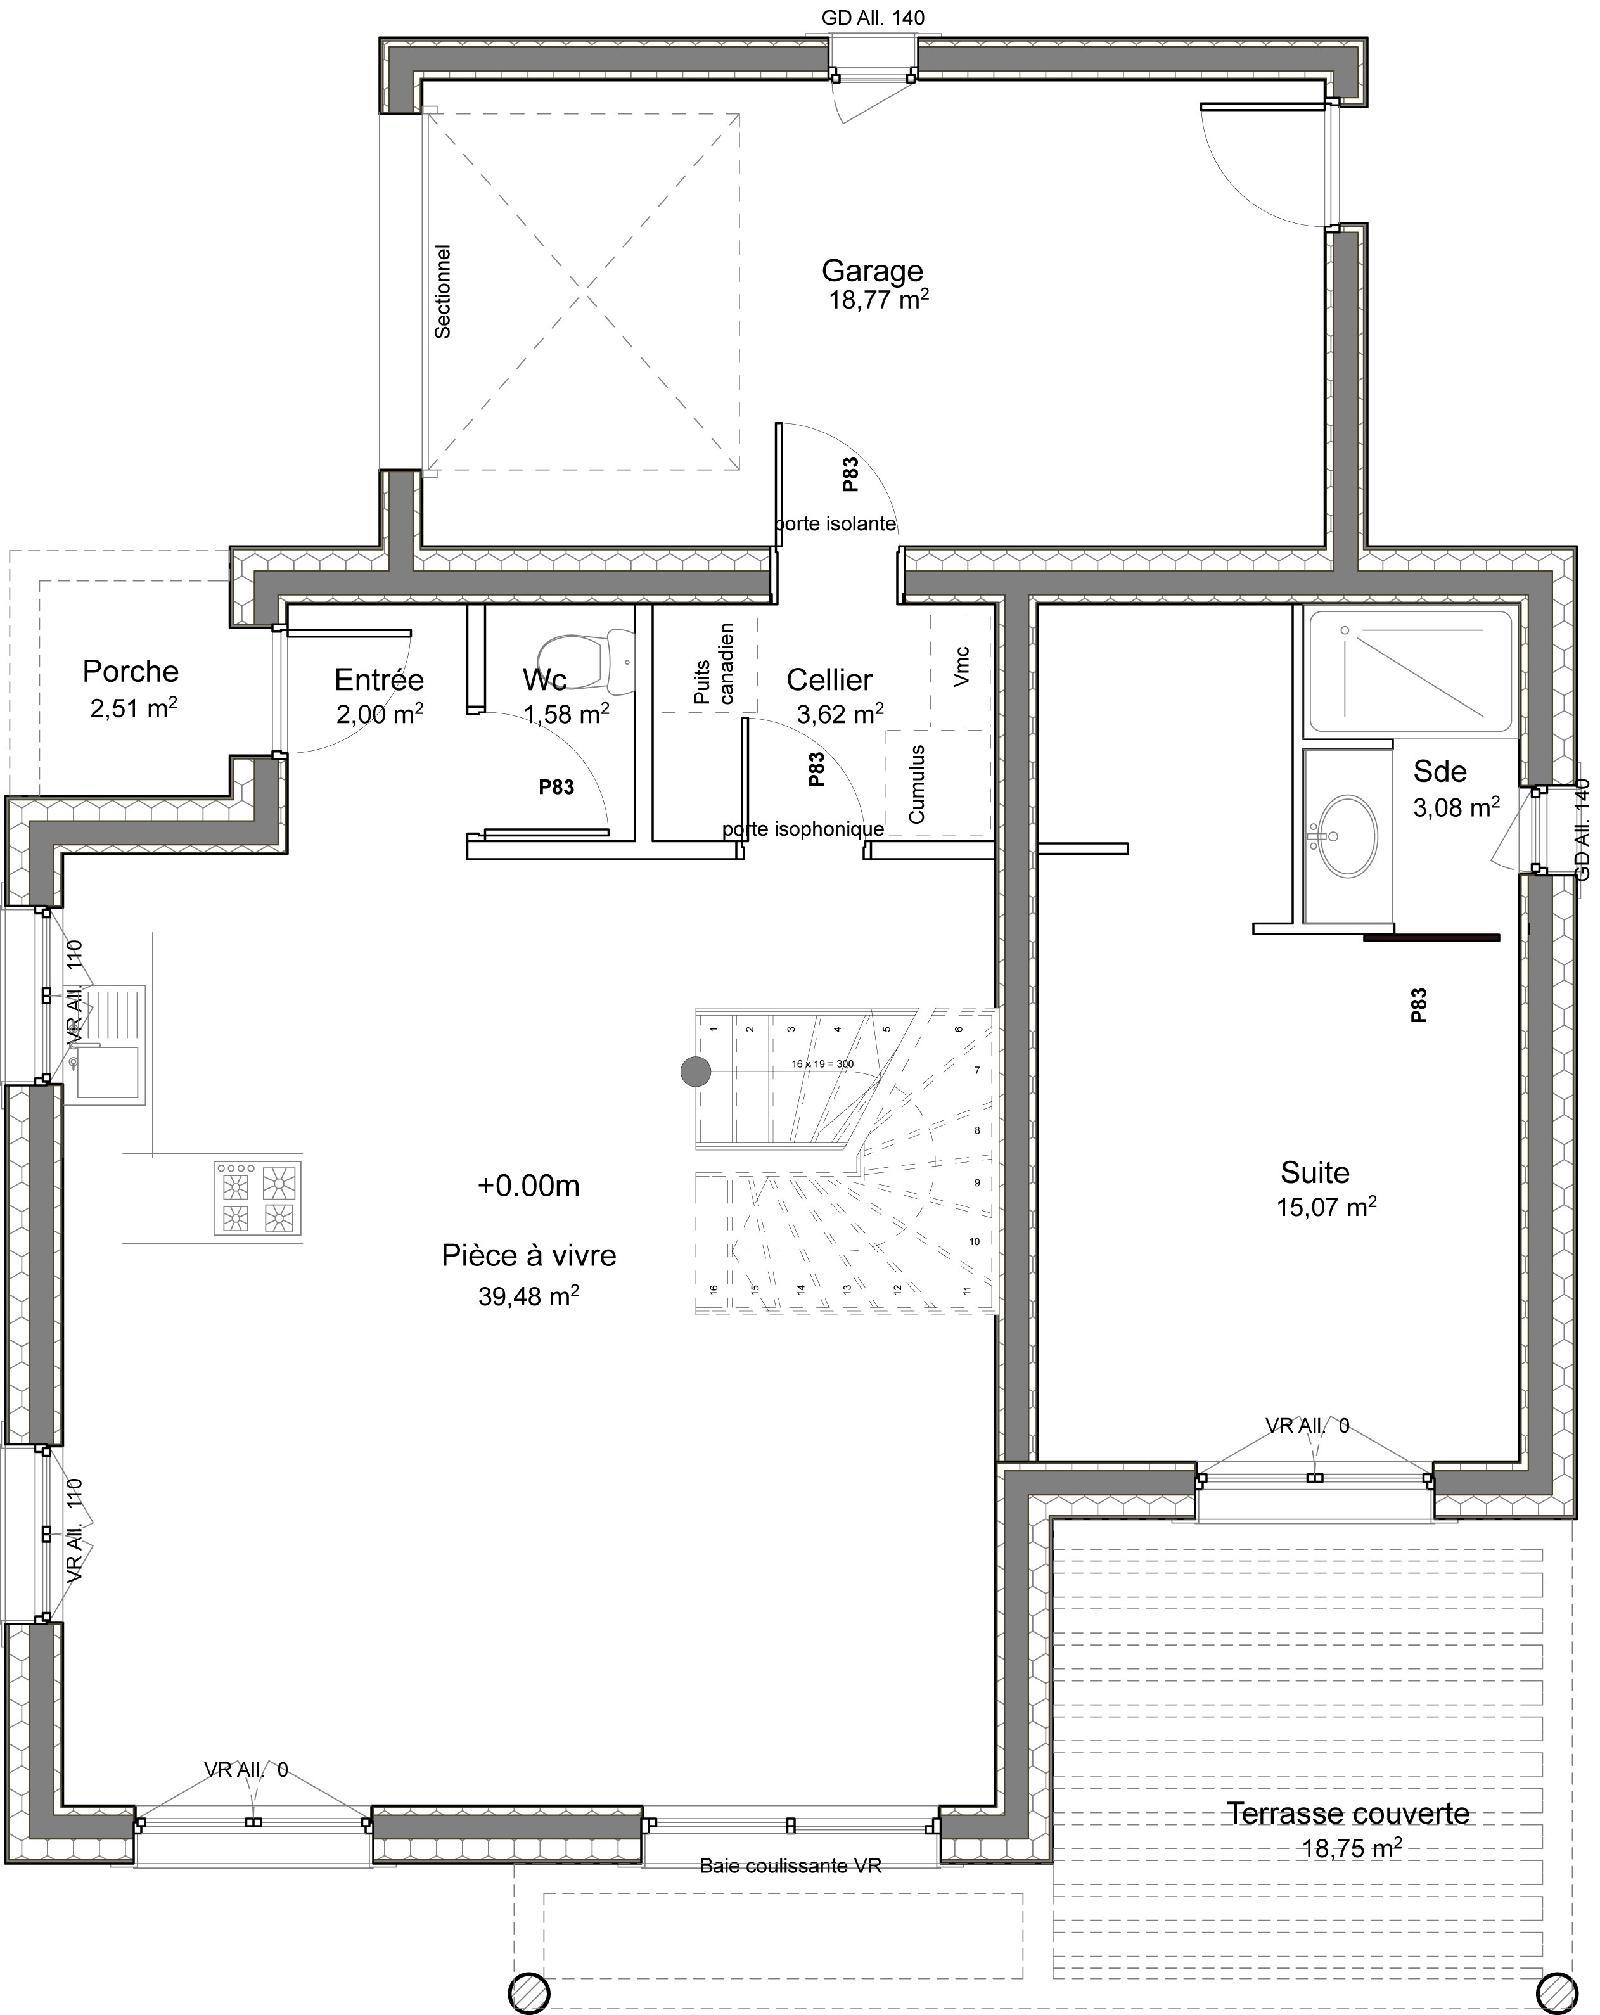 Casa de dos plantas 4 dormitorios y 109 metros cuadrados - Como sacar los metros cuadrados de una habitacion ...